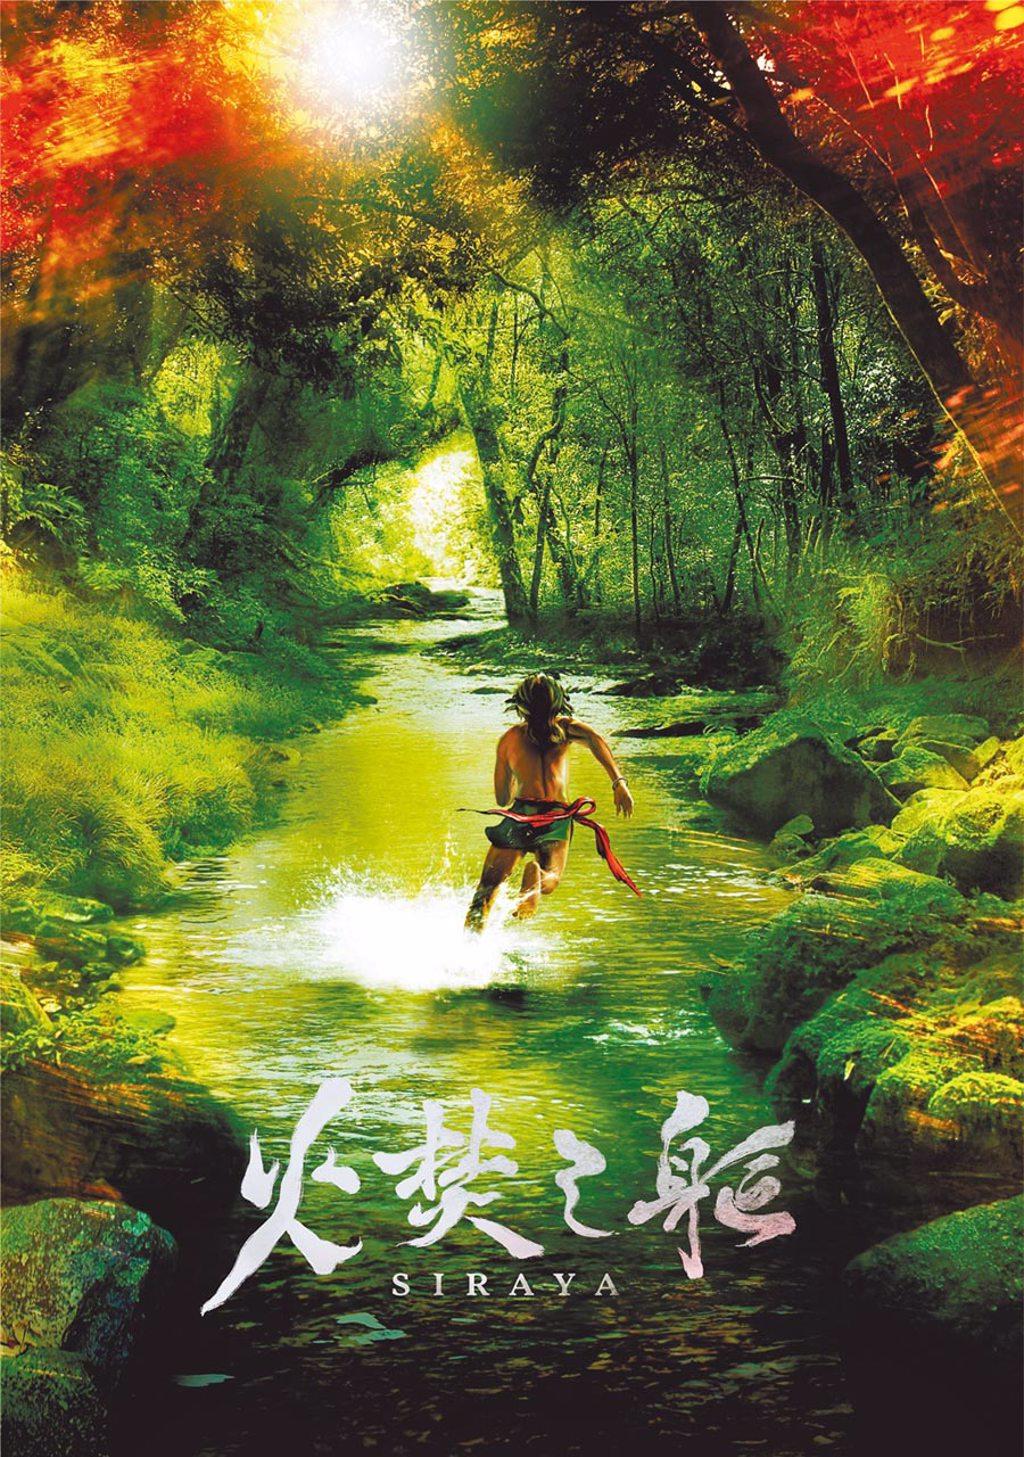 《首部曲:火焚之軀》以西拉雅獵人為主角。(米倉影業提供)